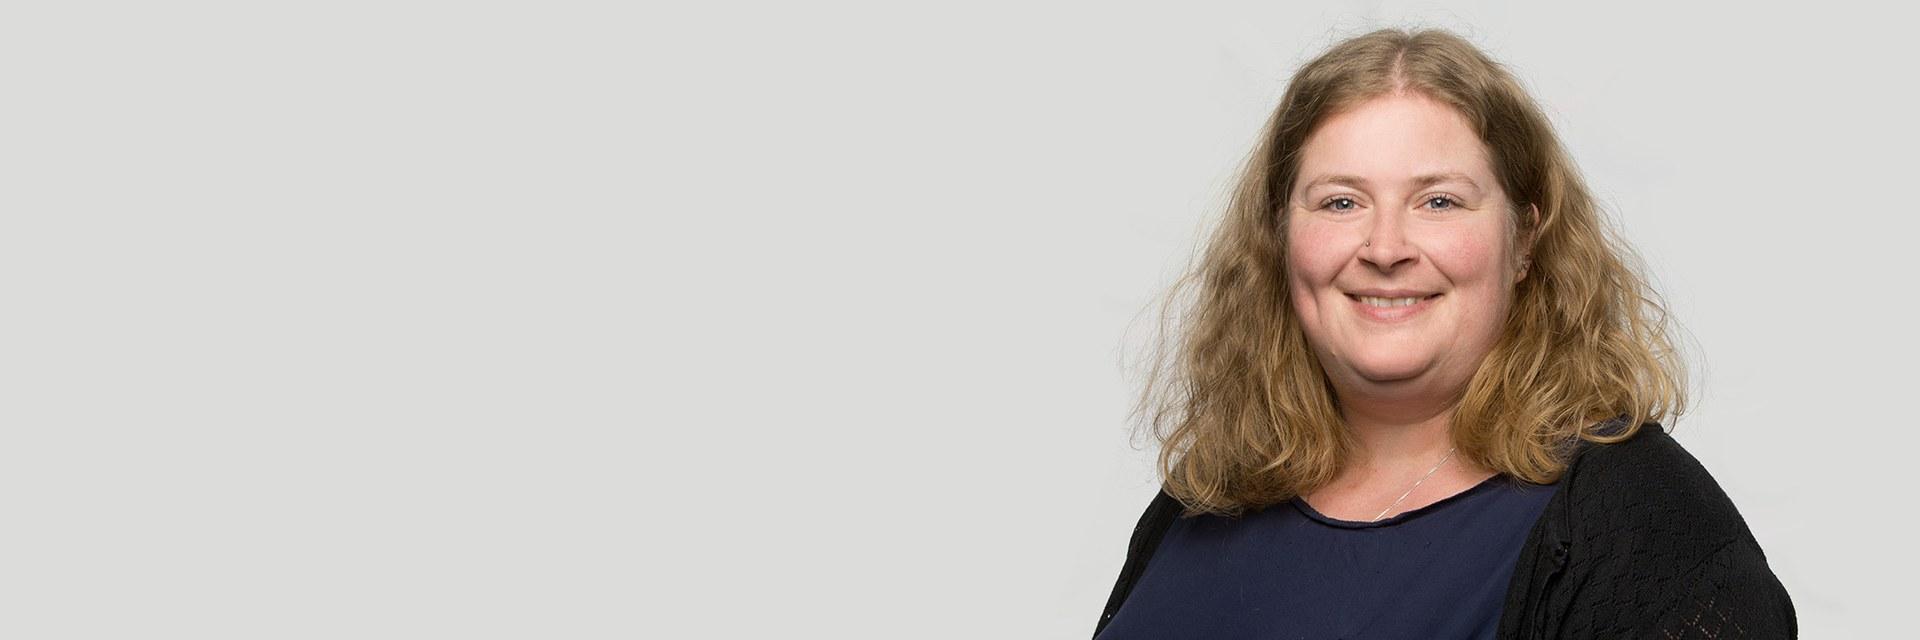 Fabienne Geiger